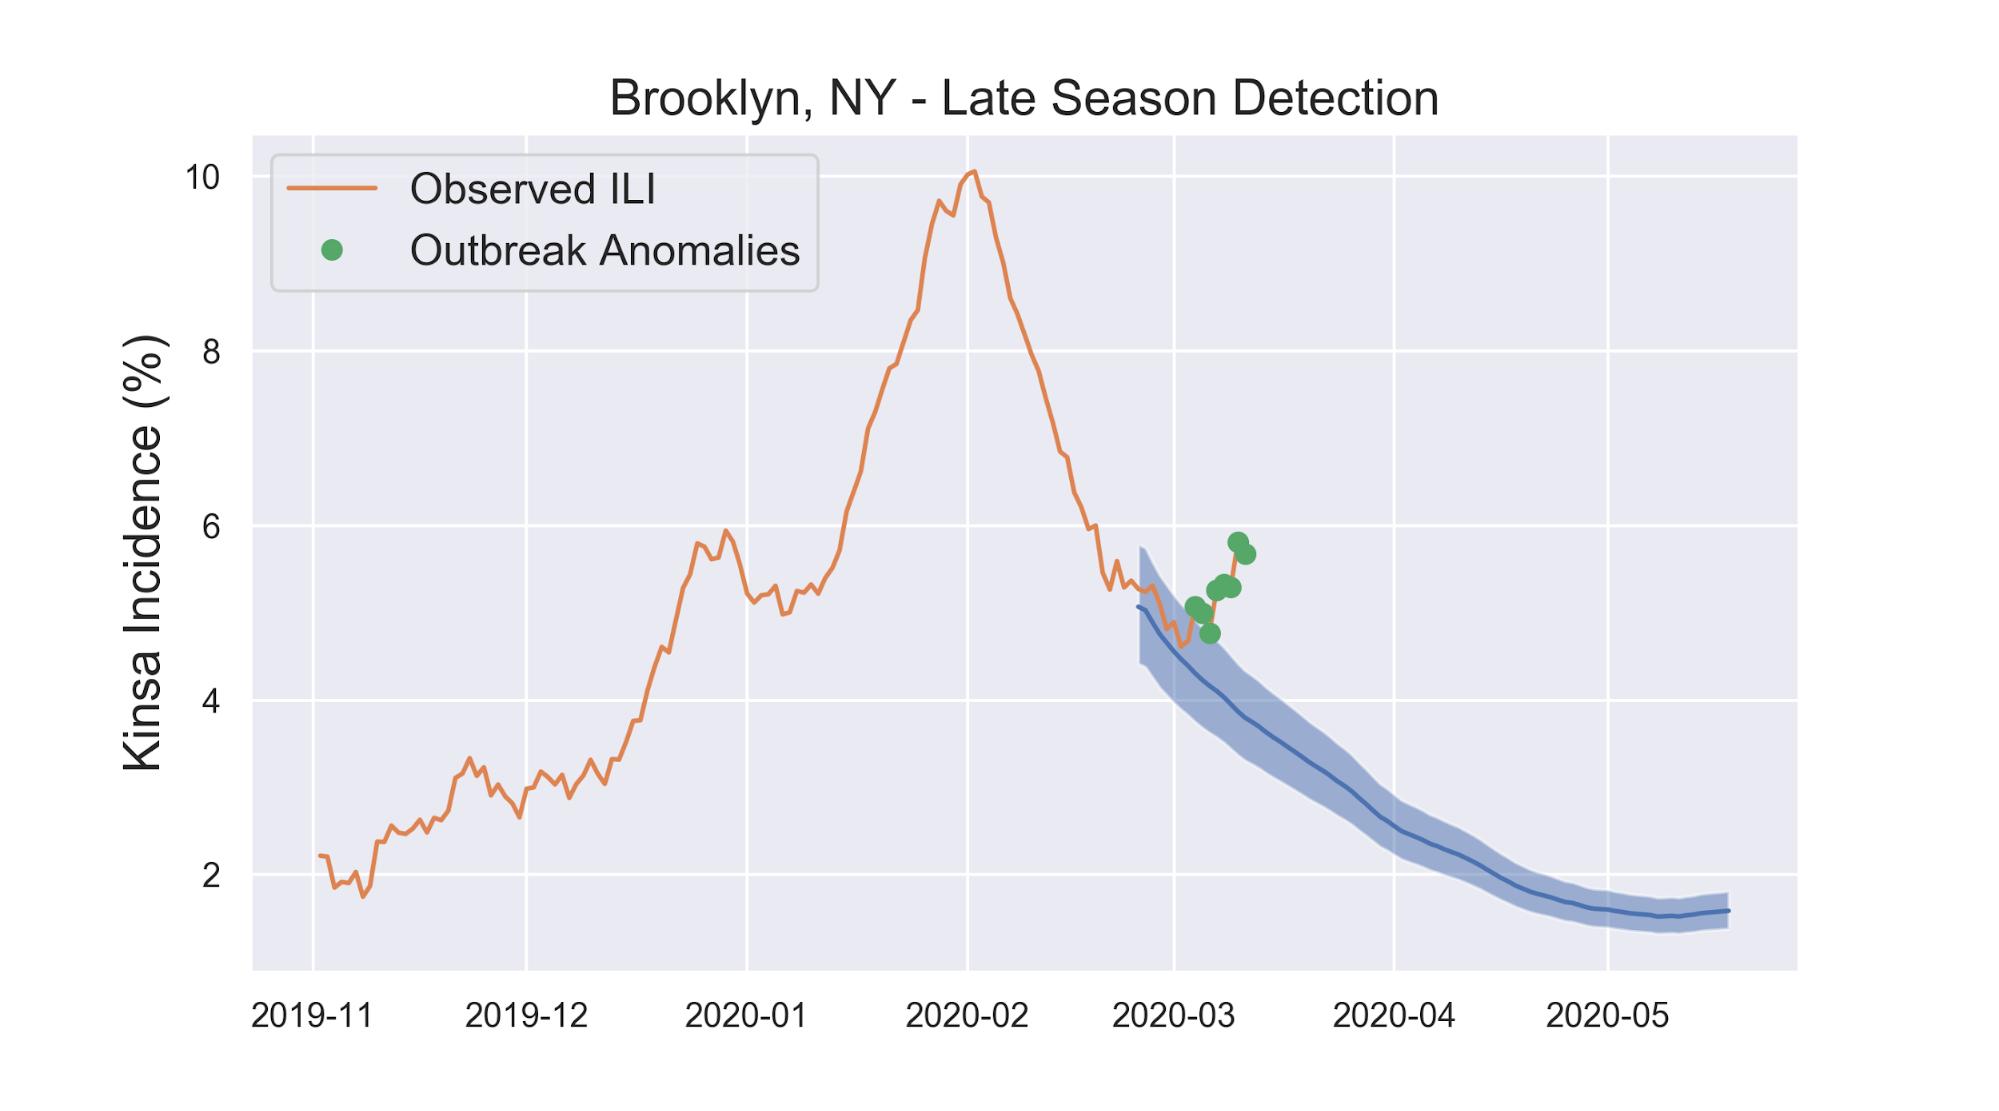 Brooklyn, NY - Late Season Detection